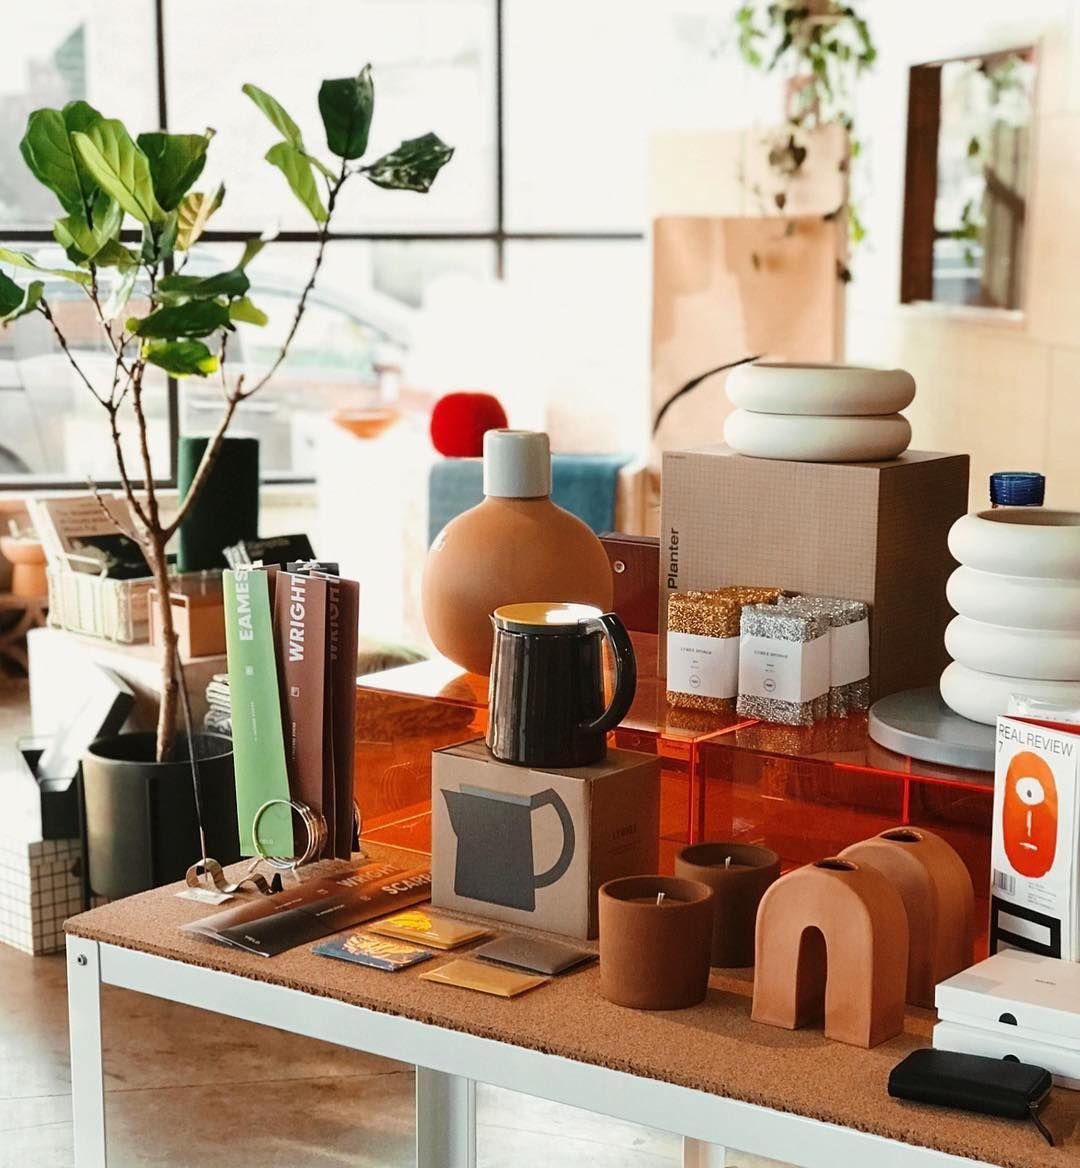 Forage Modern Workshop Store Minneapolis Mn Modern Workshop Foraging